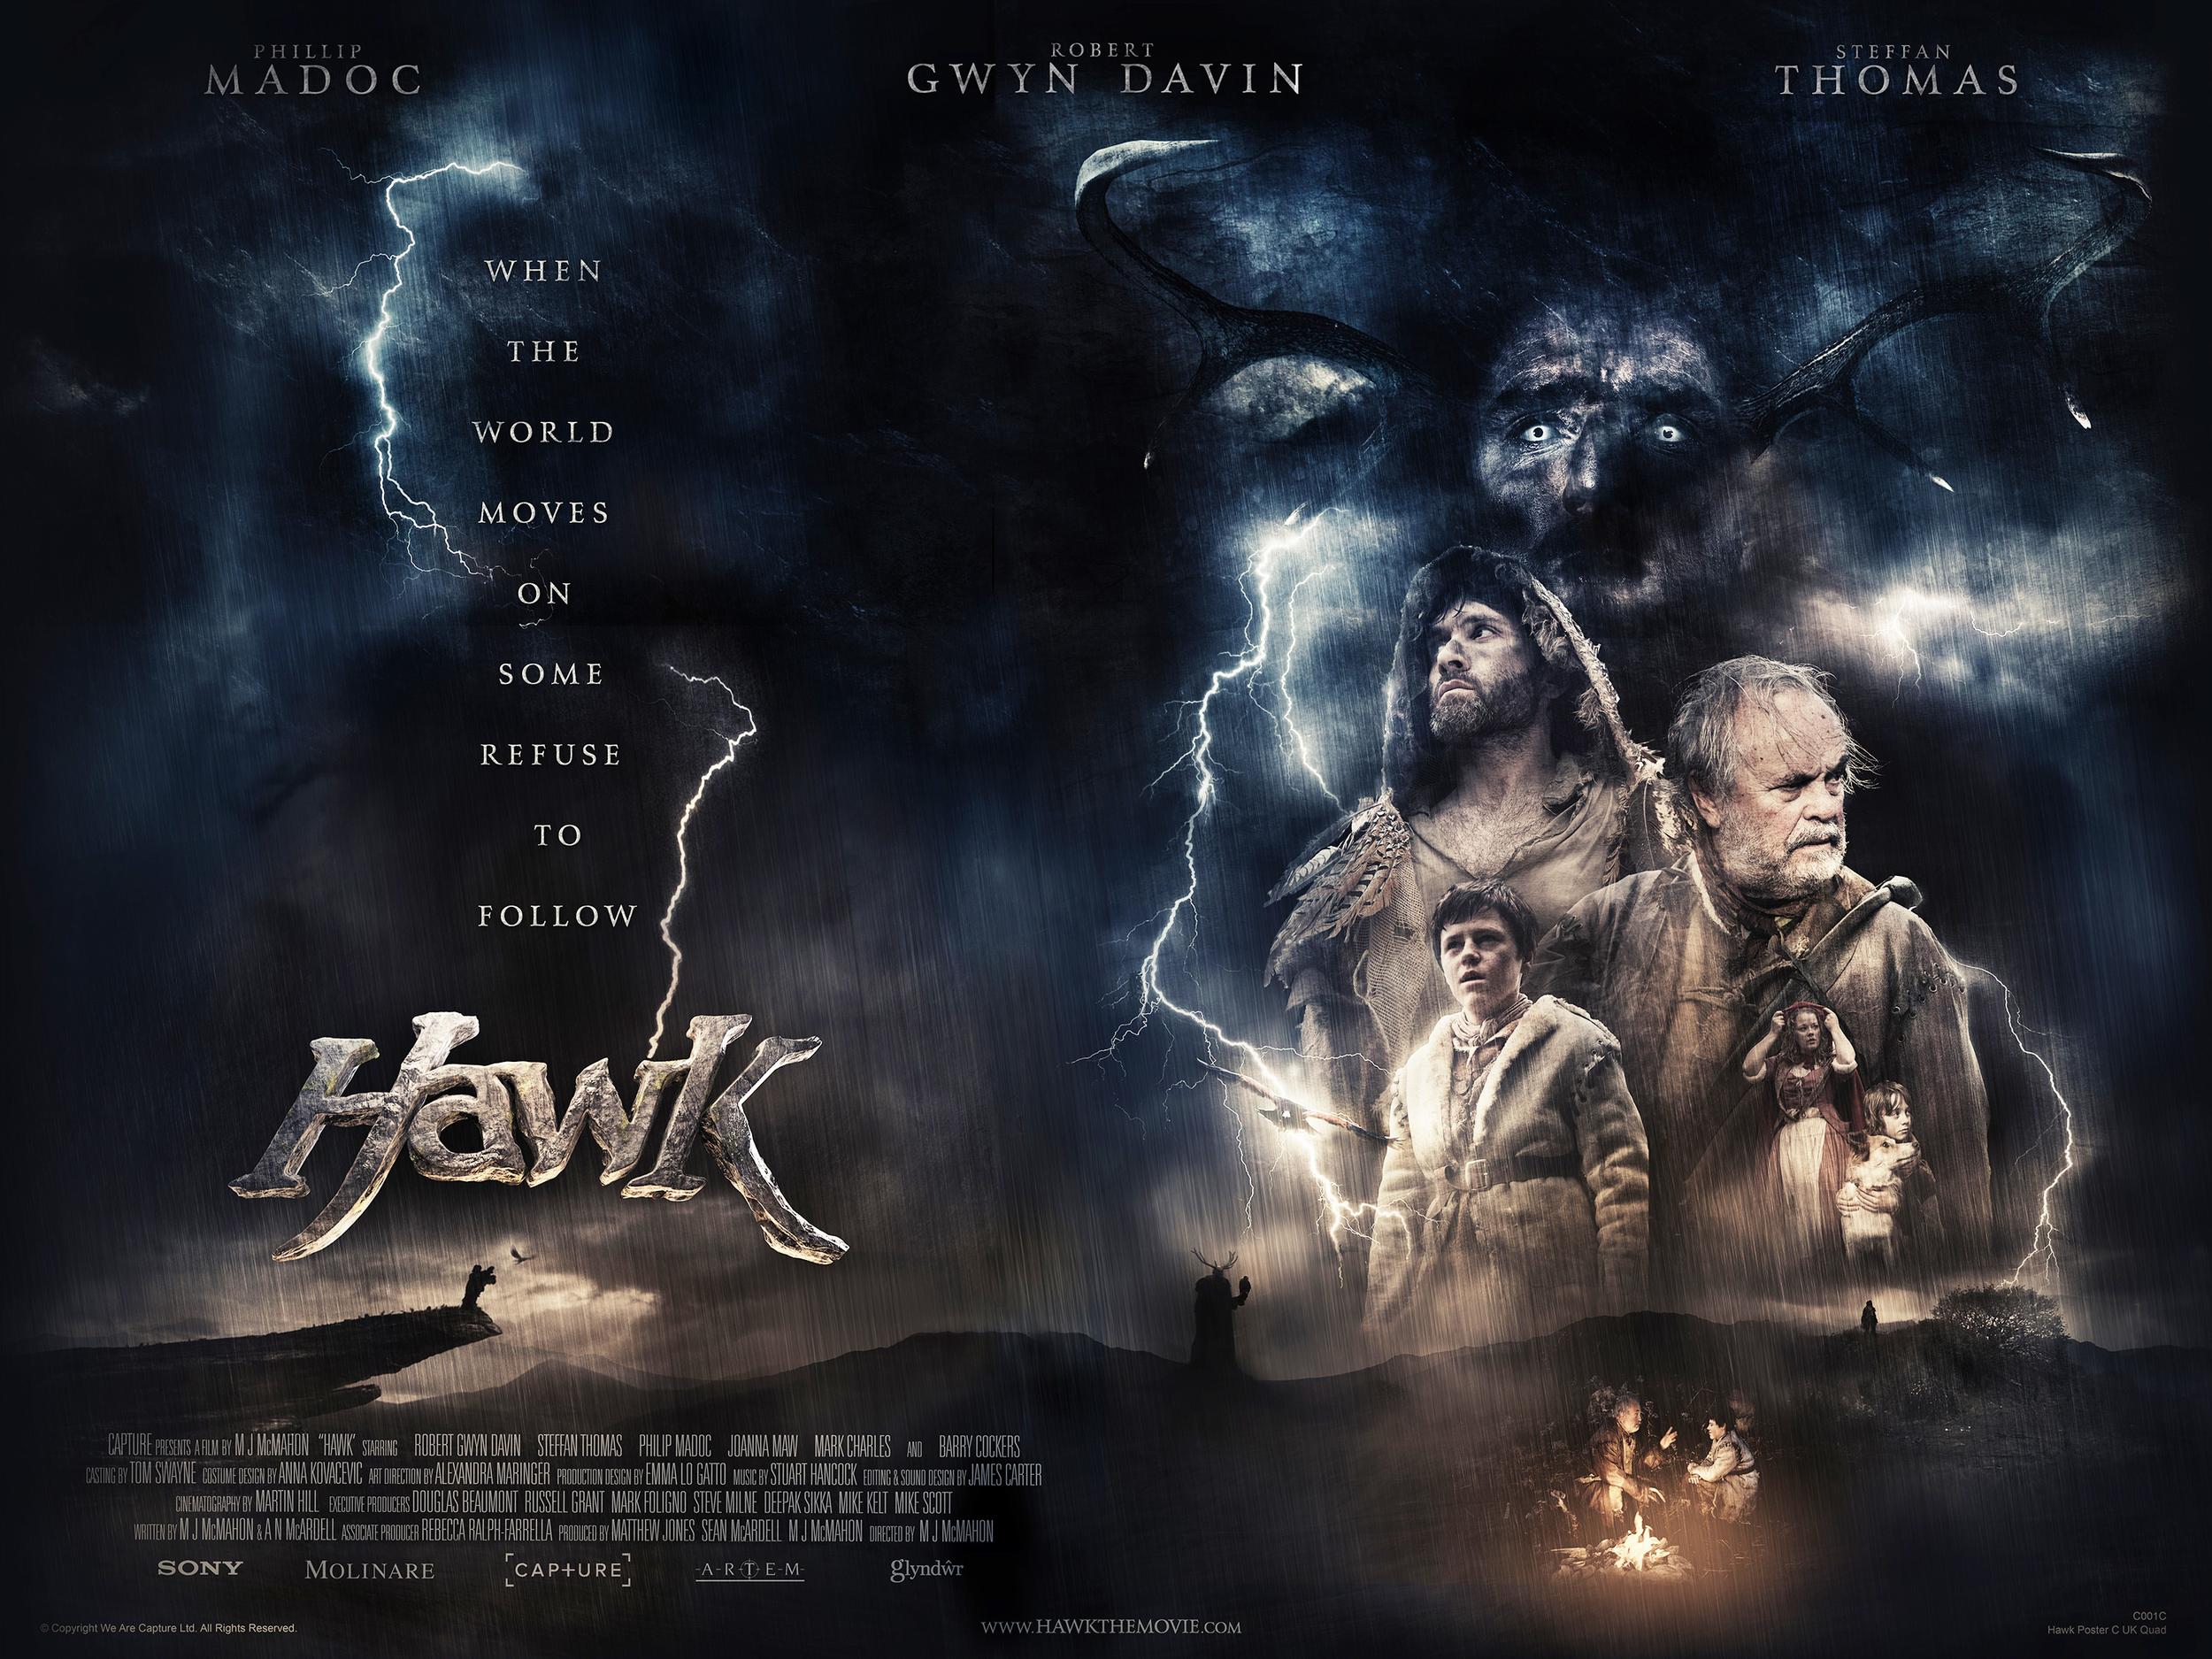 Hawk_Poster_C_UK_QUAD_C001C_3000px.jpg